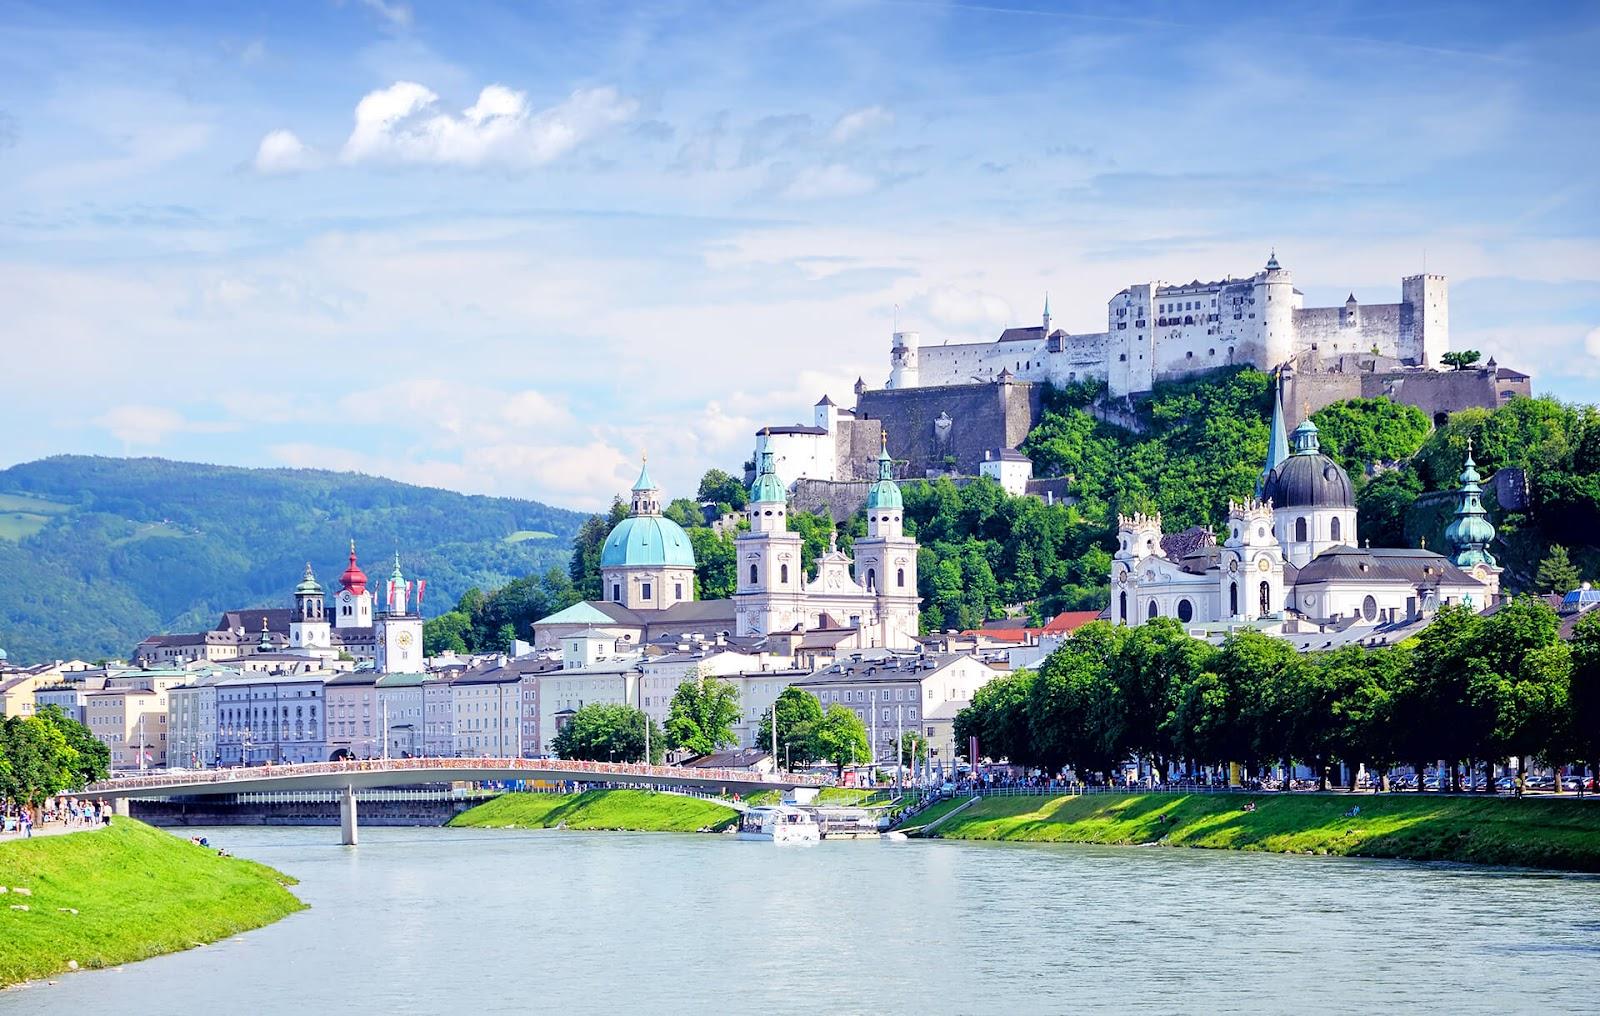 Salzburg 478859256 4928x4928 1